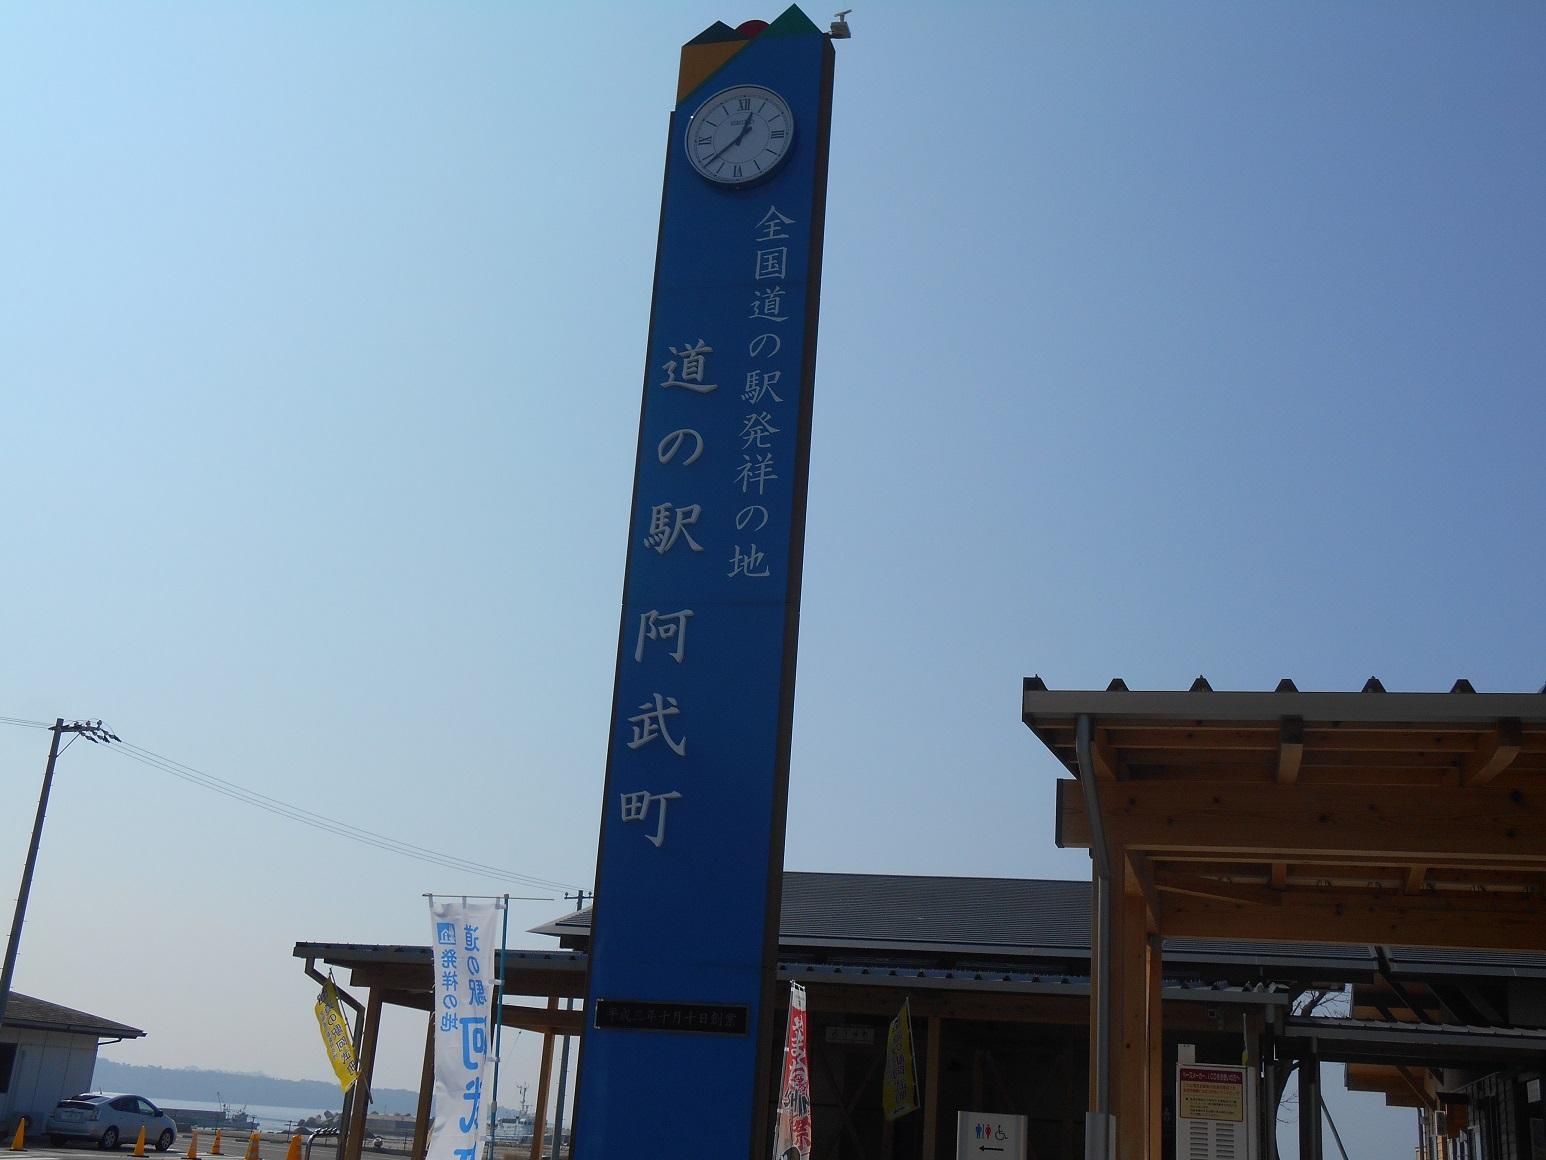 道の駅発祥の地阿武町.jpg